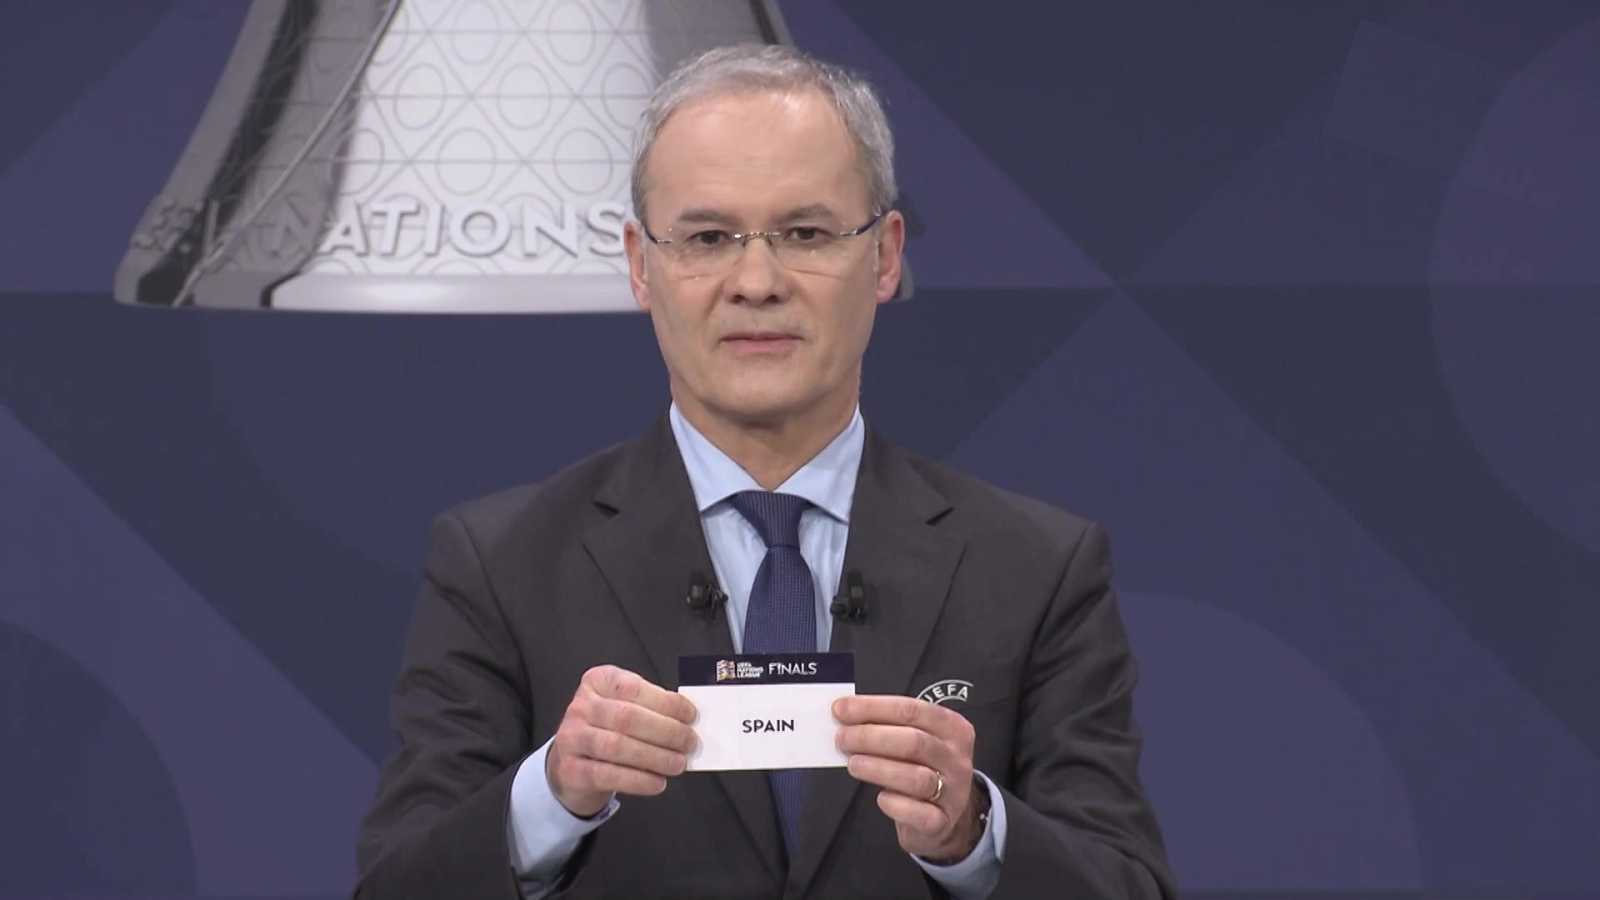 Fútbol - UEFA Nations League 2020. Sorteo semifinales Nations League - ver ahora